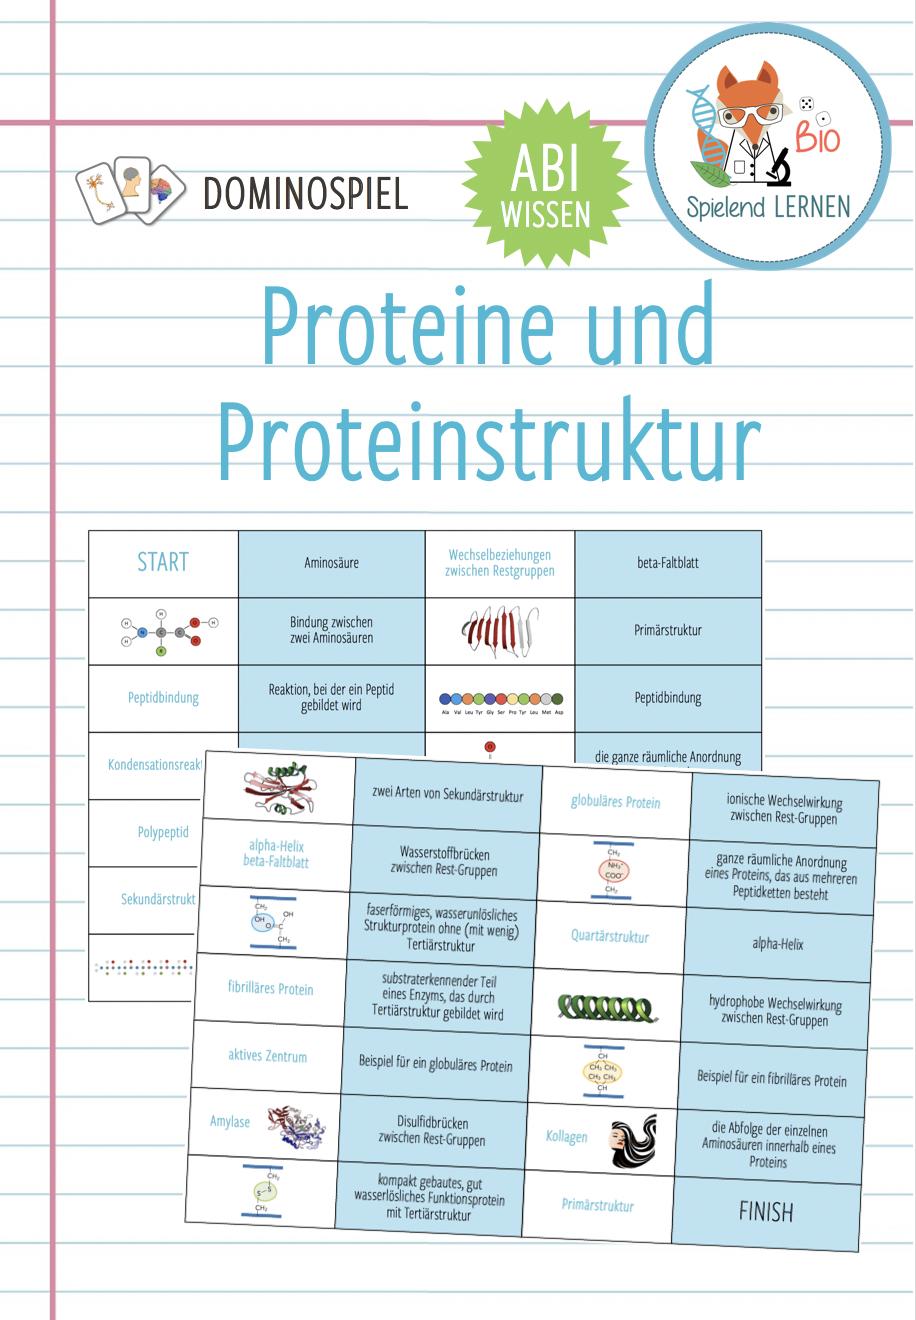 Proteine Und Proteinstruktur Domino Spiel Abitur Unterrichtsmaterial Im Fach Chemie In 2020 Domino Spiele Biologiestunden Biologie Studium